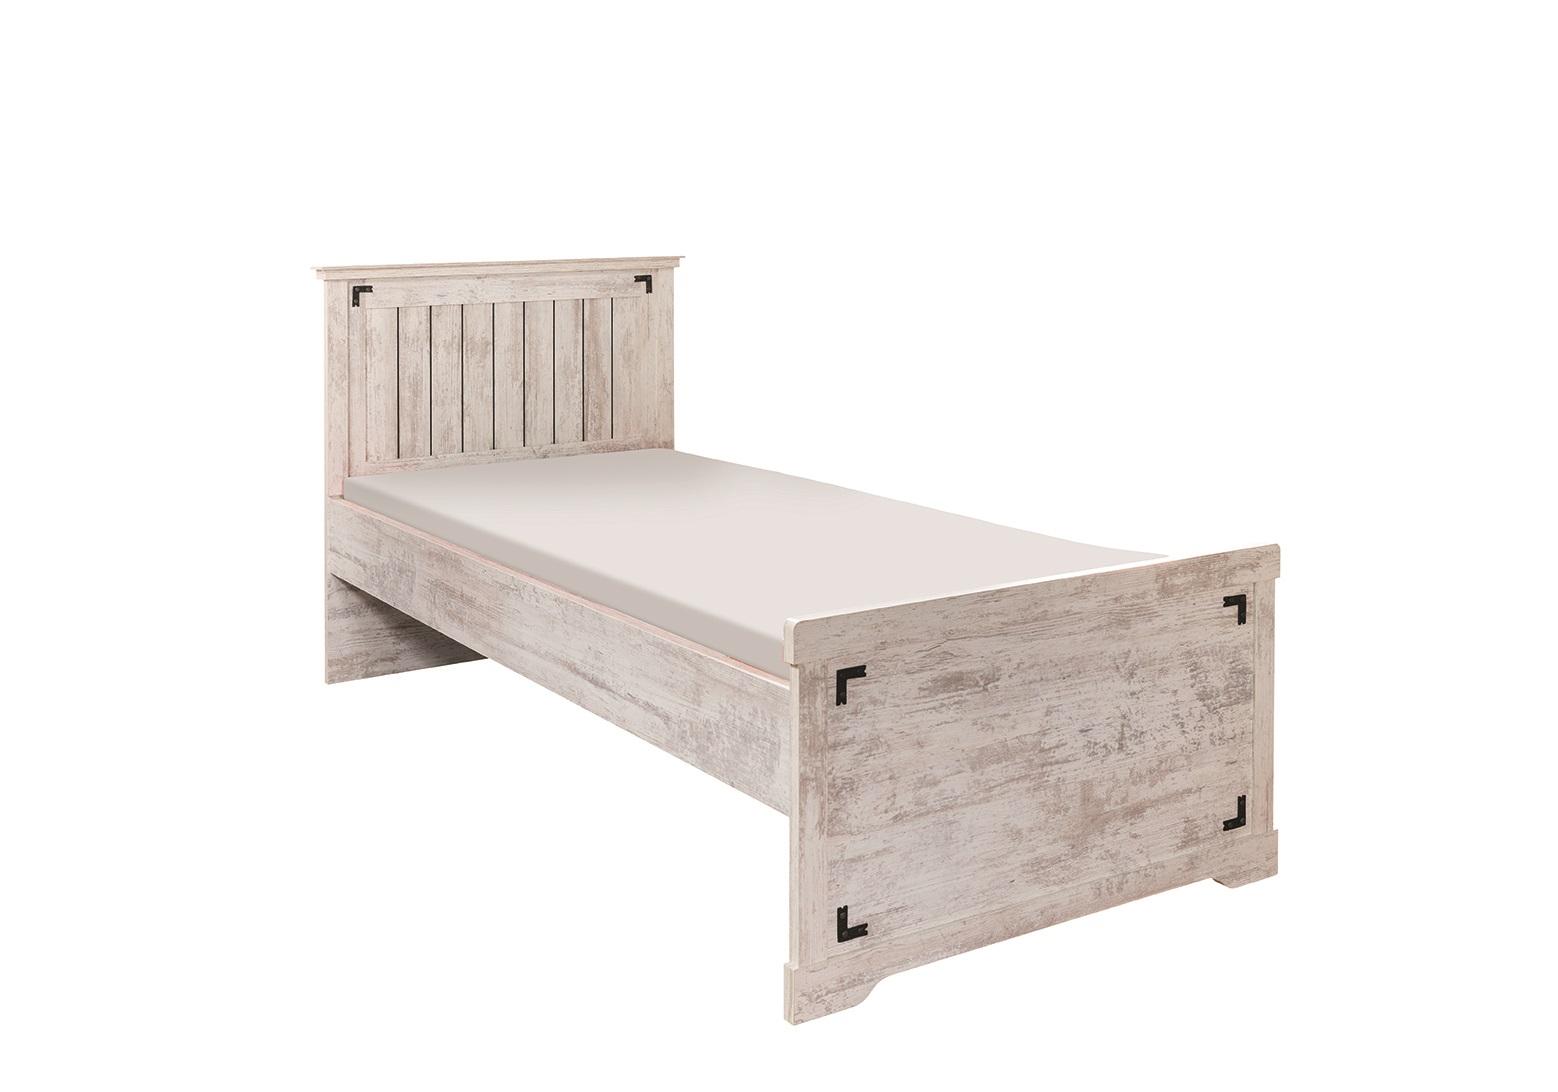 Bett 120x200 Cm Woodlife In Weiss Im Landhausstil Kaufen Bei Kapa